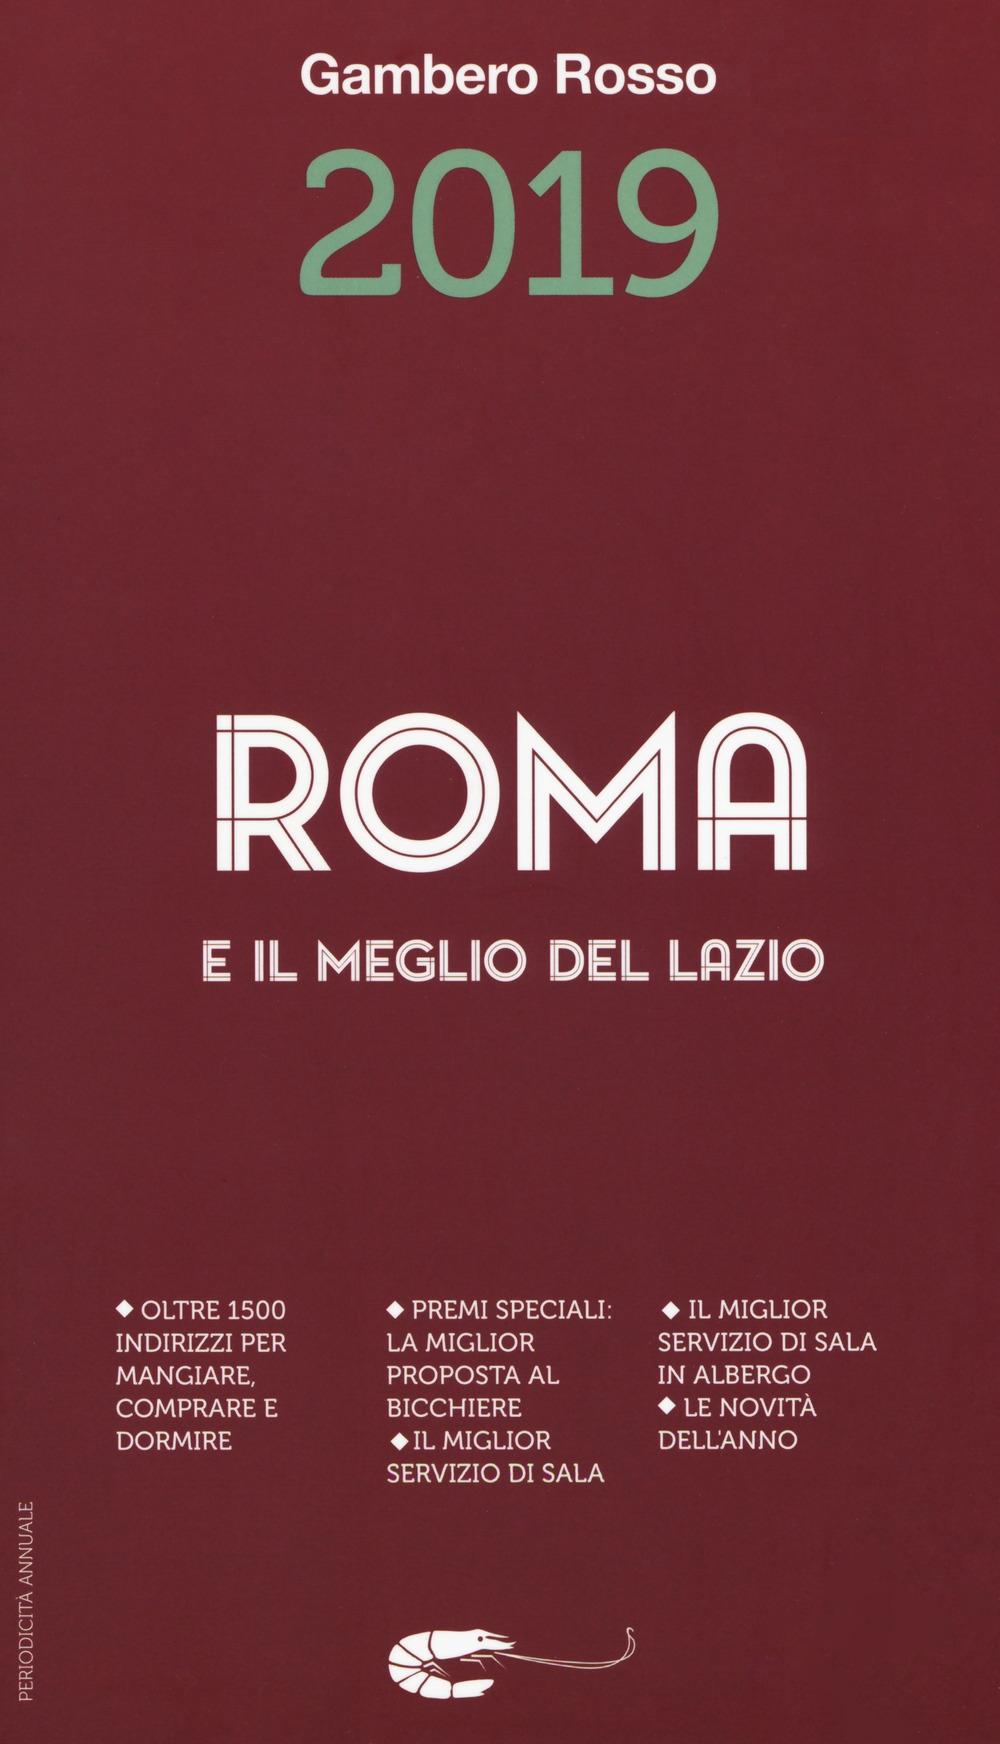 Roma e il meglio del Lazio del Gambero Rosso 2019